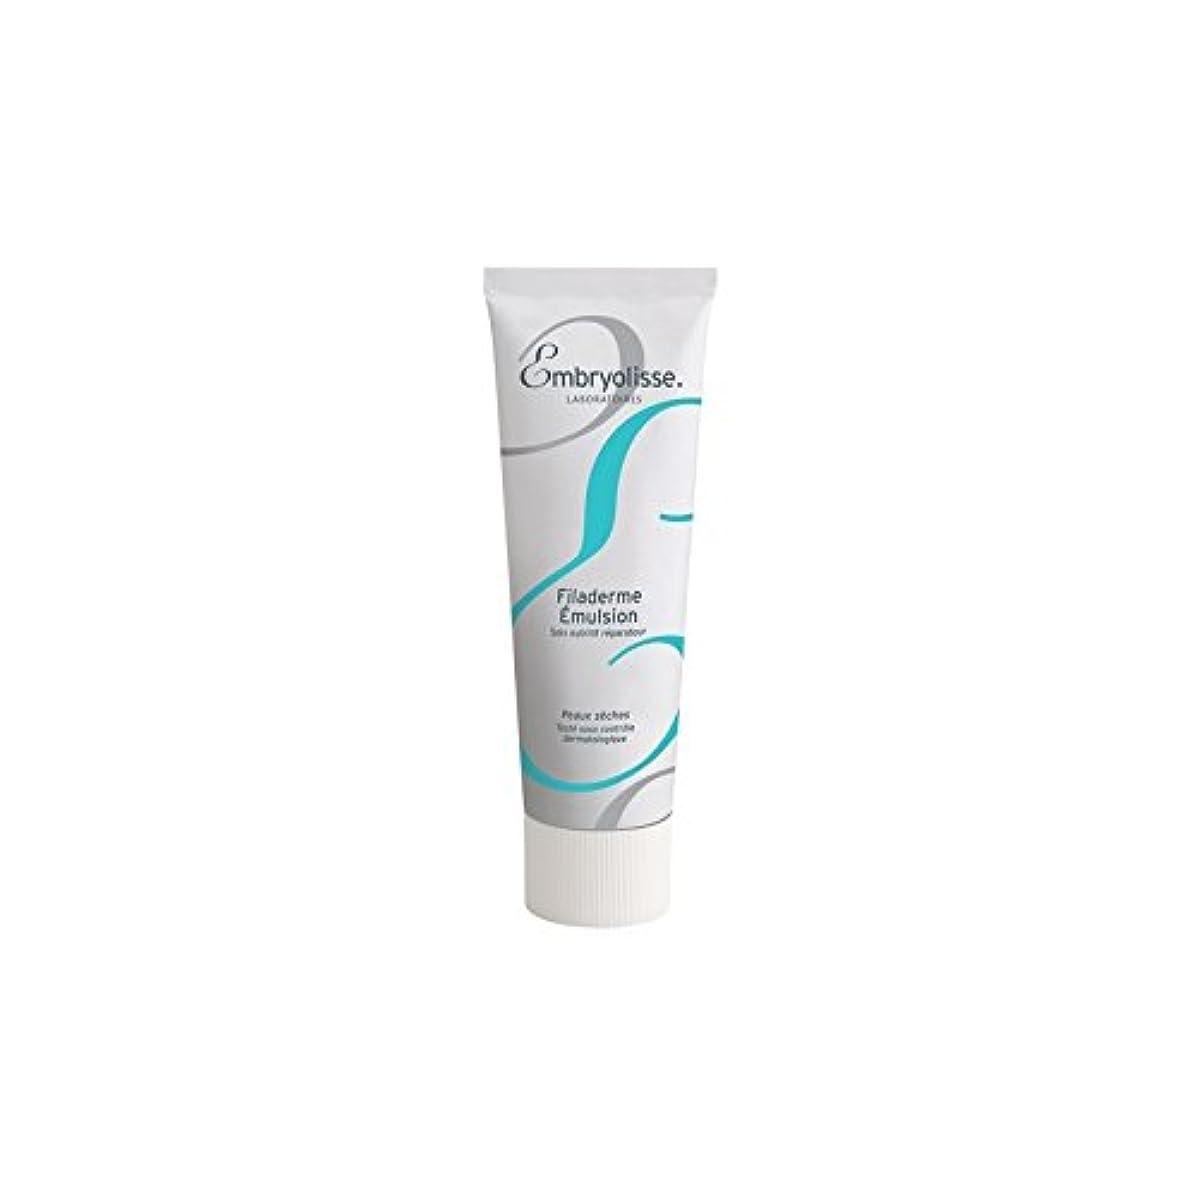 外国人ロックカリングEmbryolisse Filaderme Emulsion (75ml) - エマルジョン(75ミリリットル) [並行輸入品]